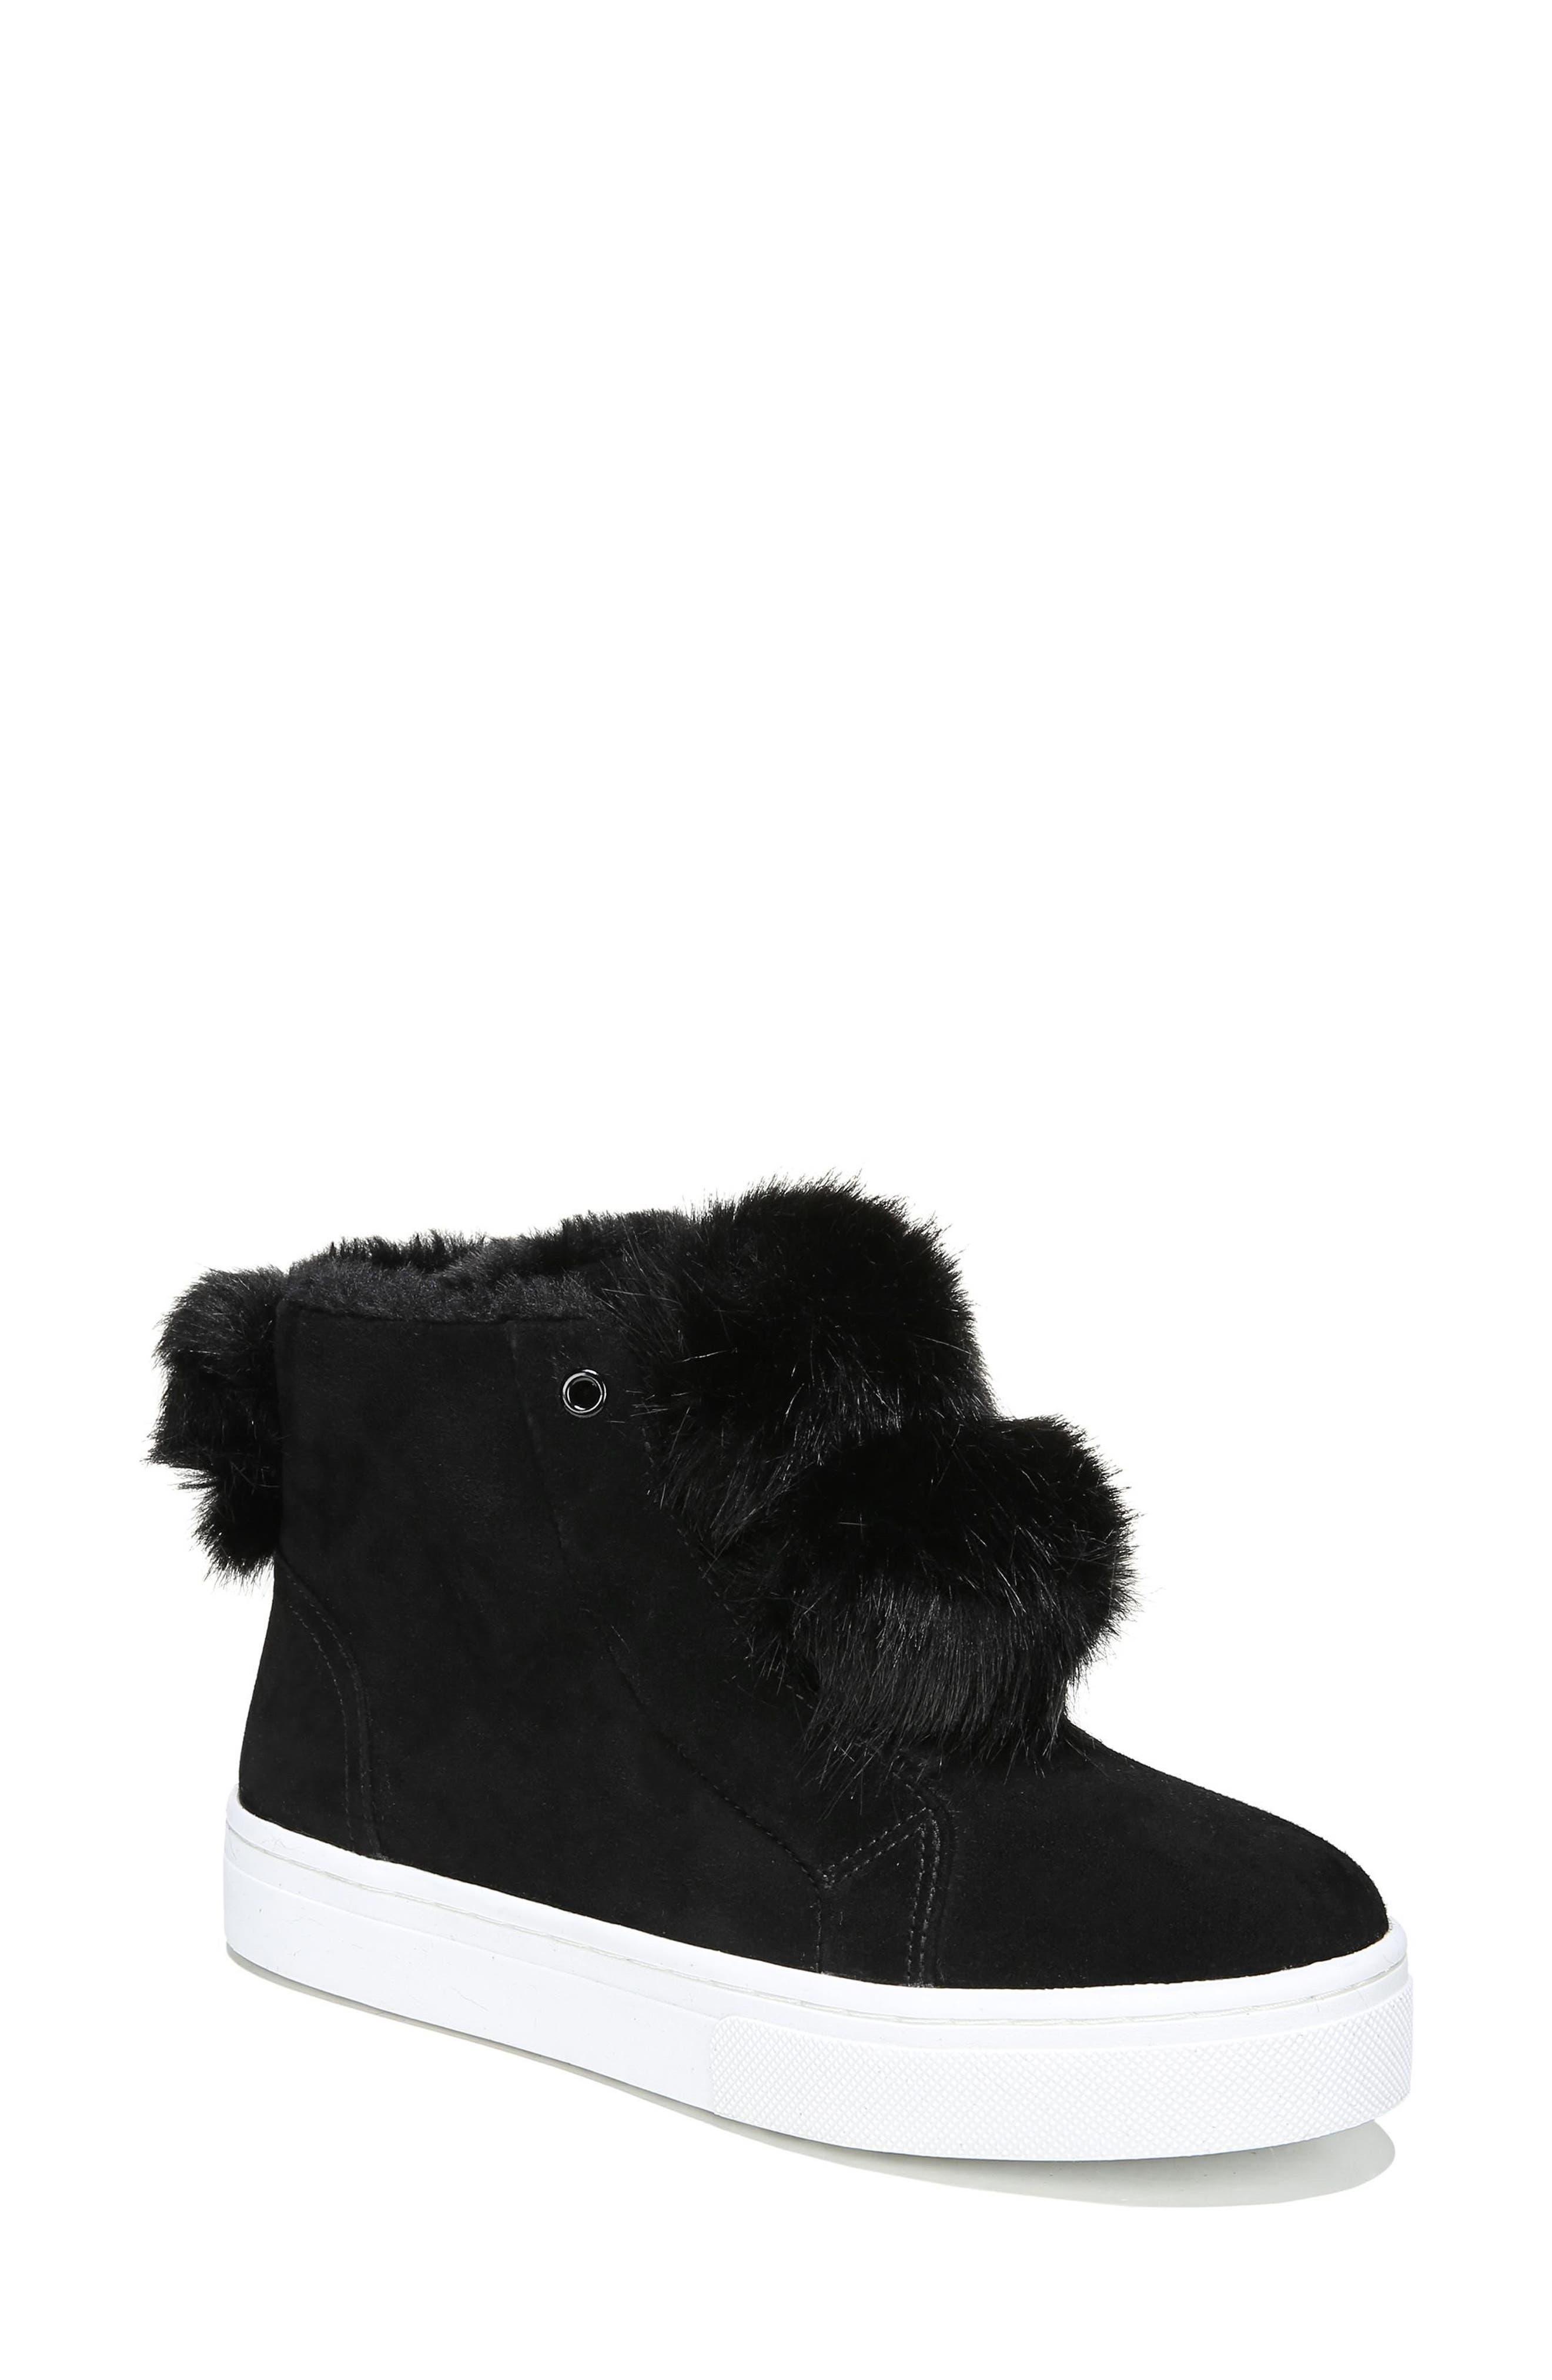 Lear Faux Fur Sneaker,                             Main thumbnail 1, color,                             001